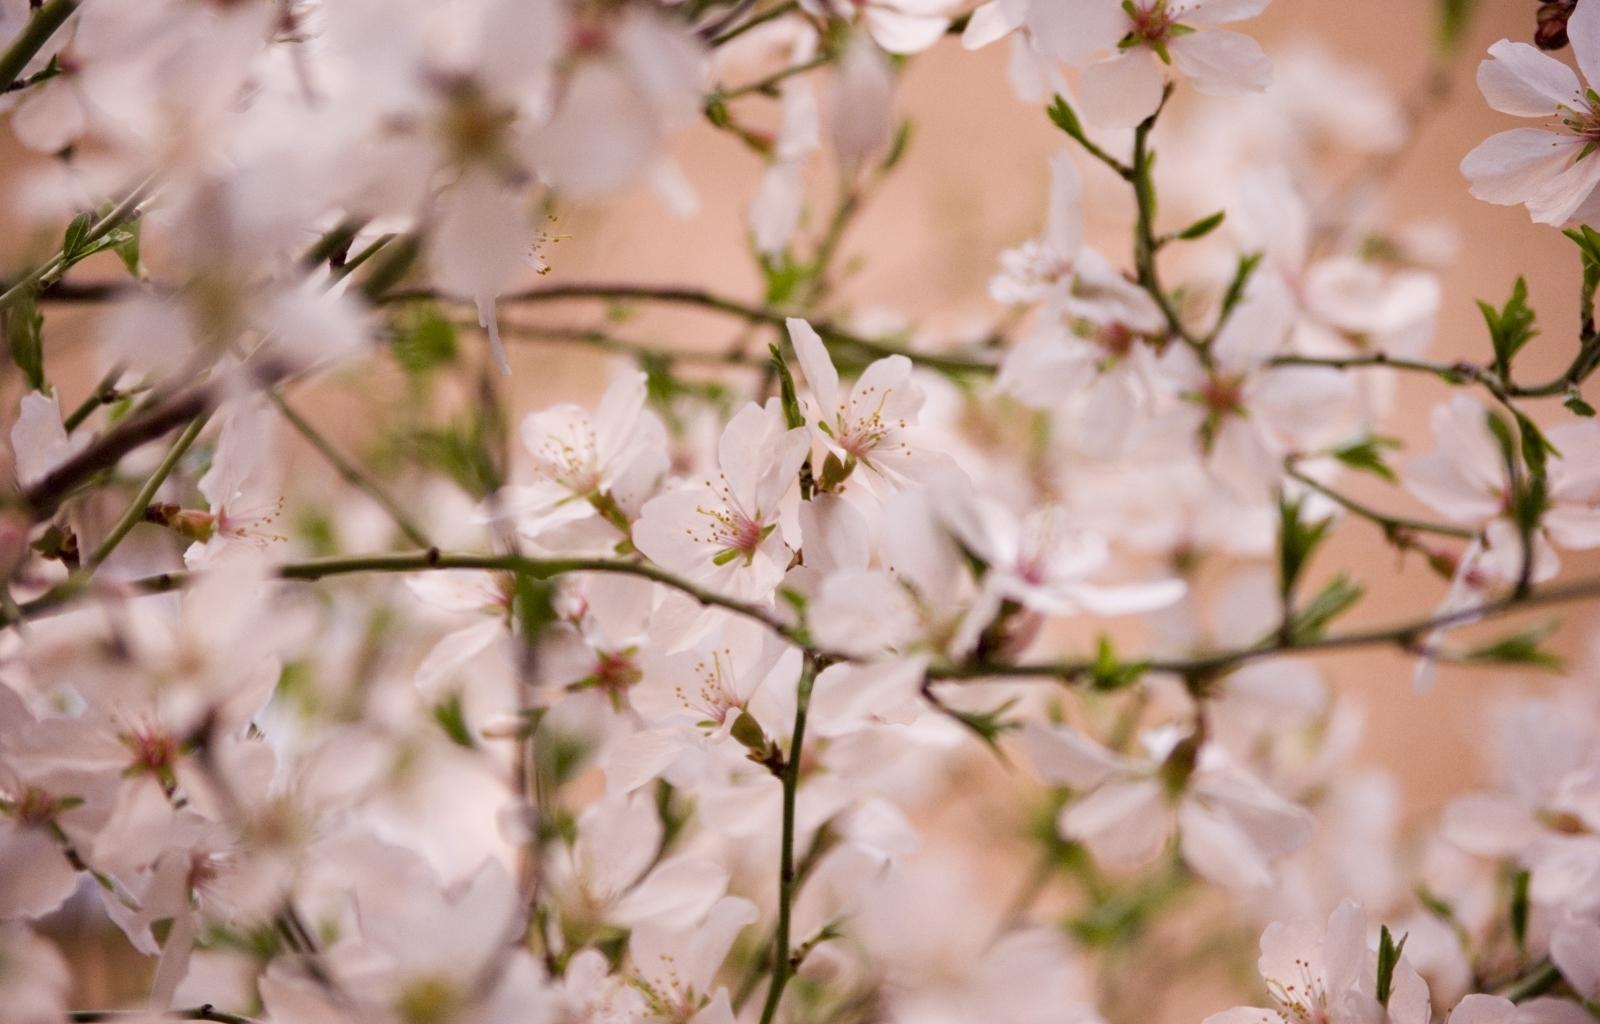 Скачать картинку Растения, Цветы, Фон в телефон бесплатно.